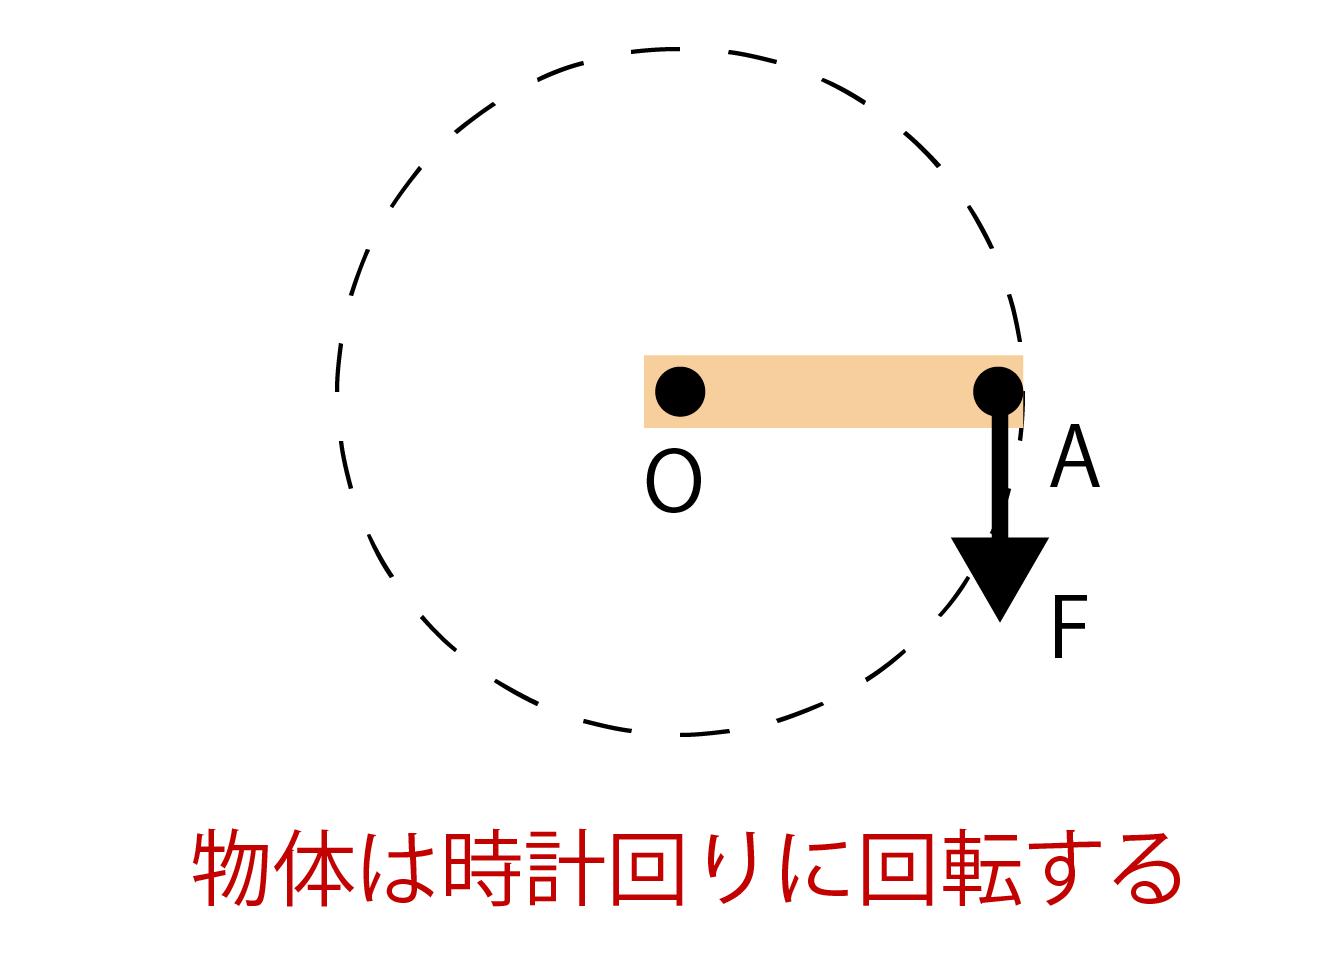 物体が時計回りに回転する画像